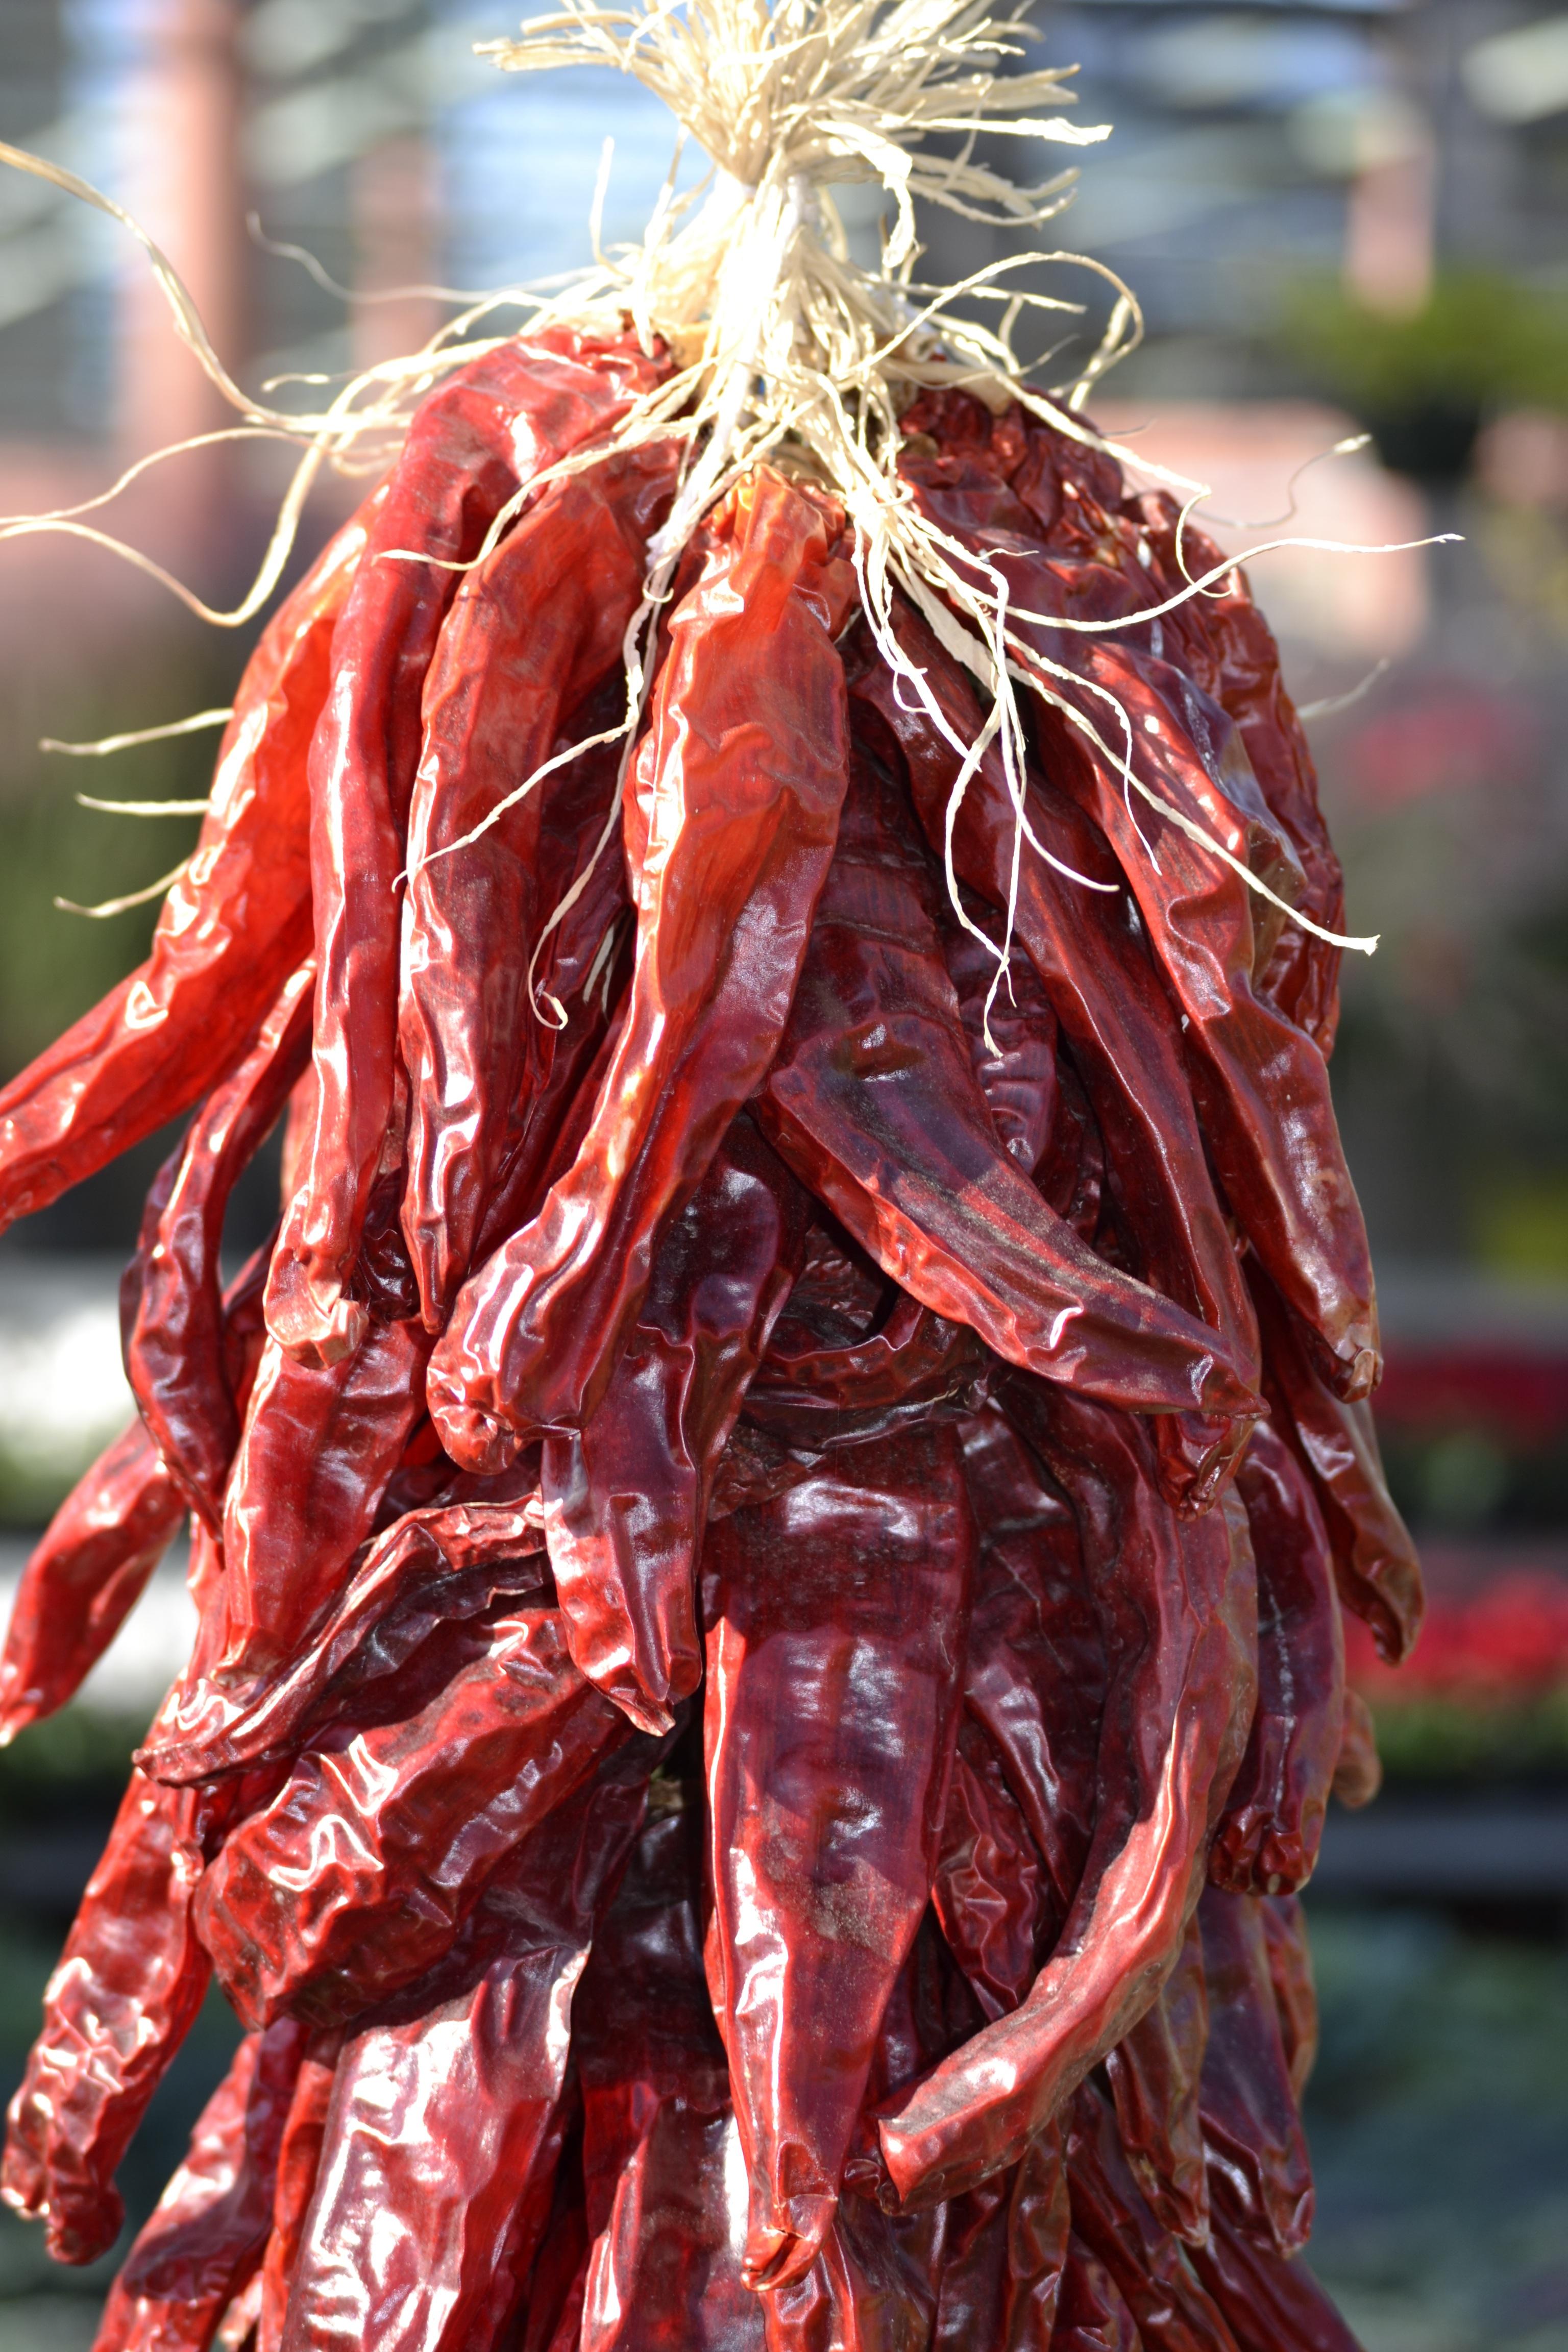 Chili Bilder kostenlose foto frucht blume lebensmittel würzen rot